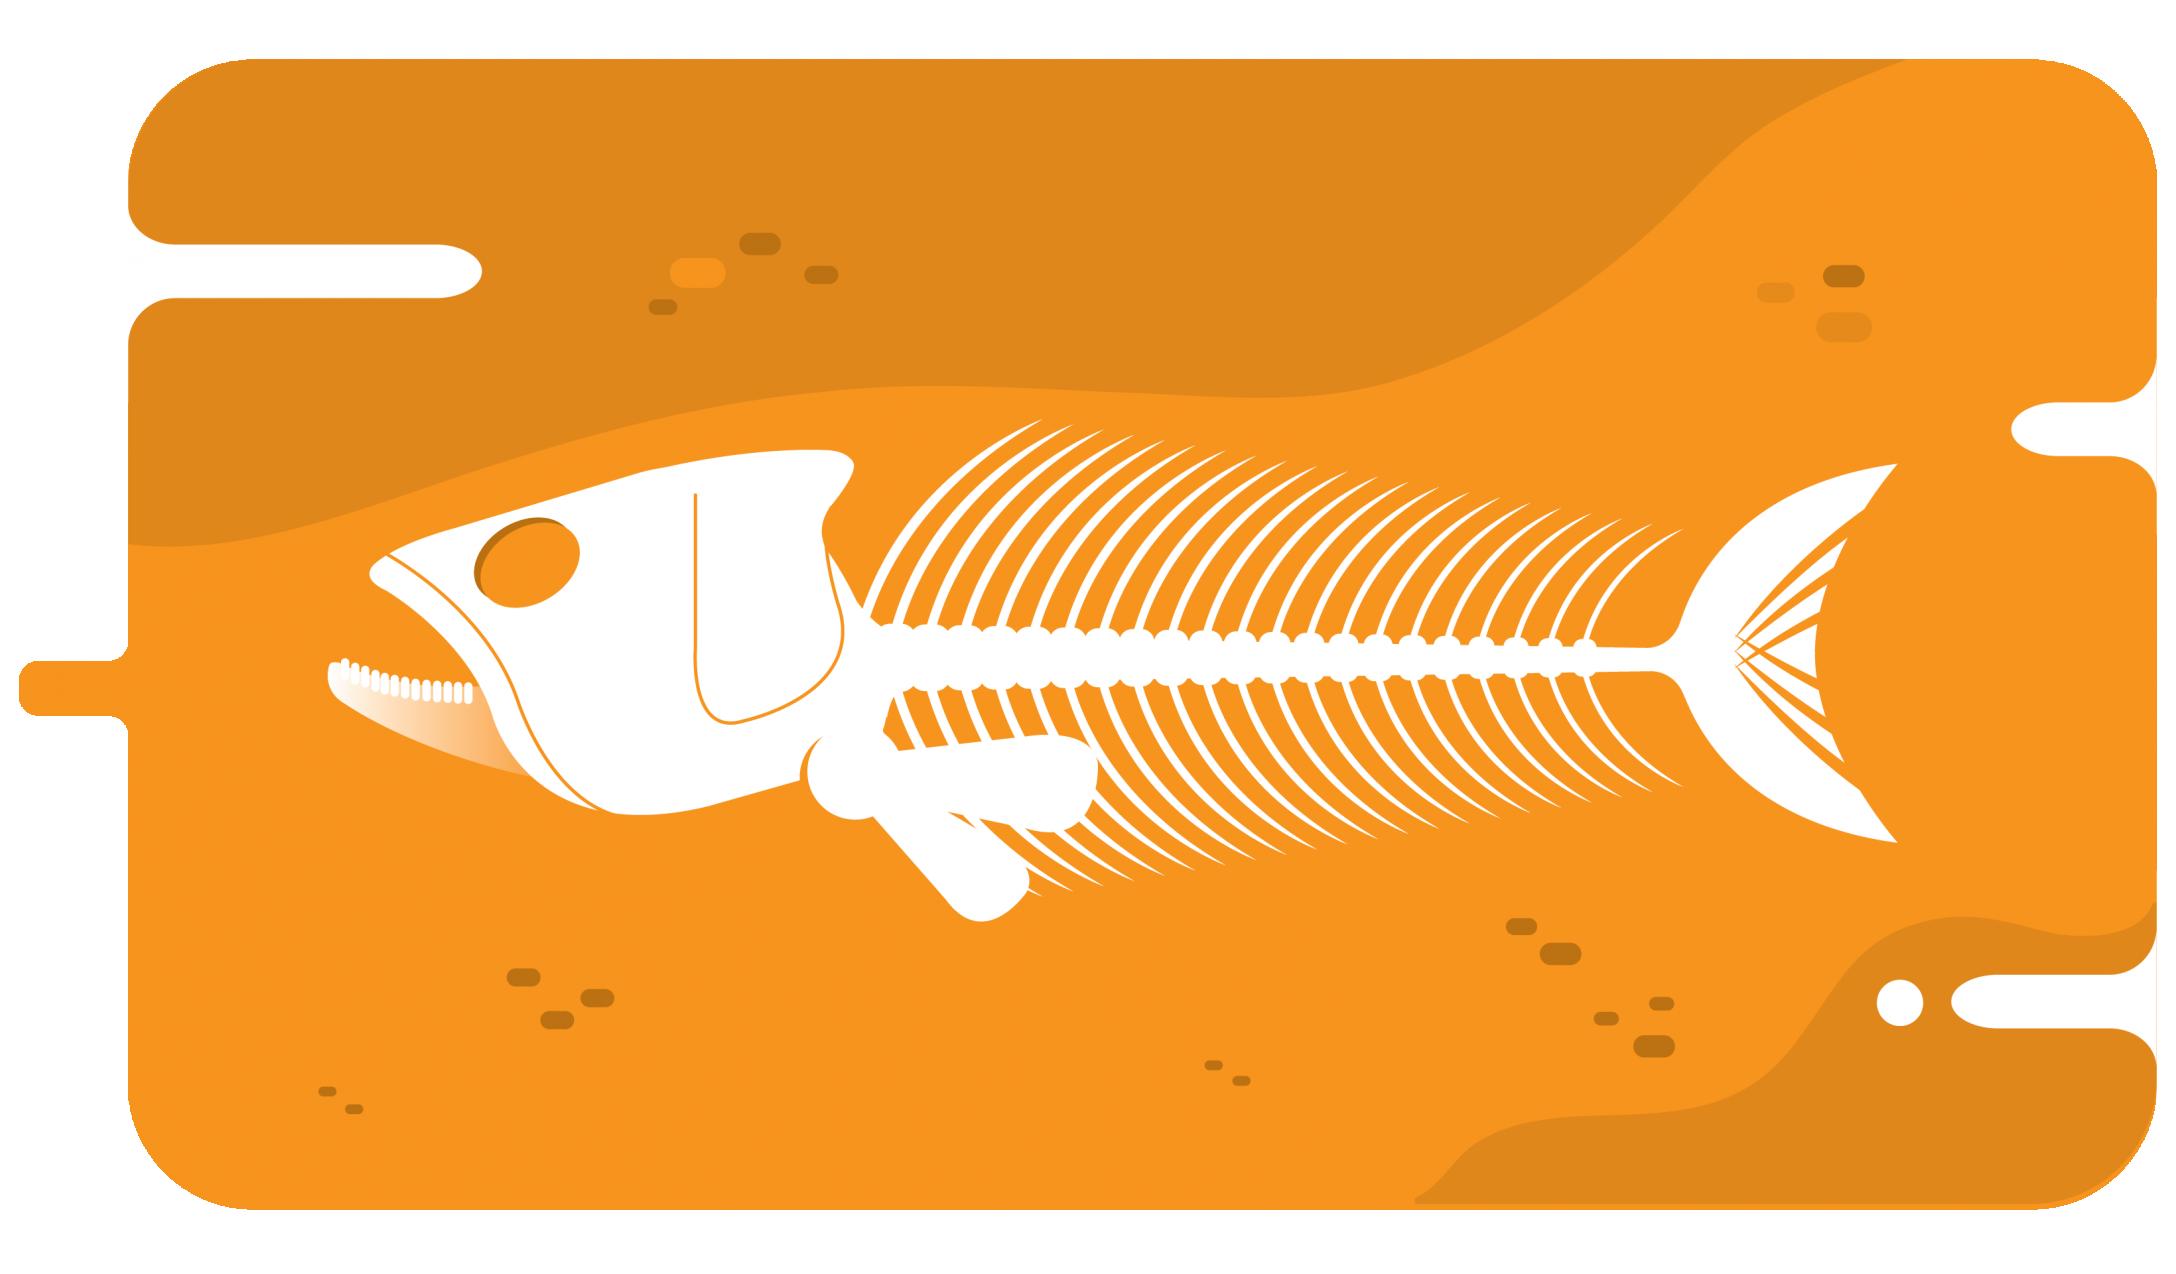 Która ryba ma mało ości?